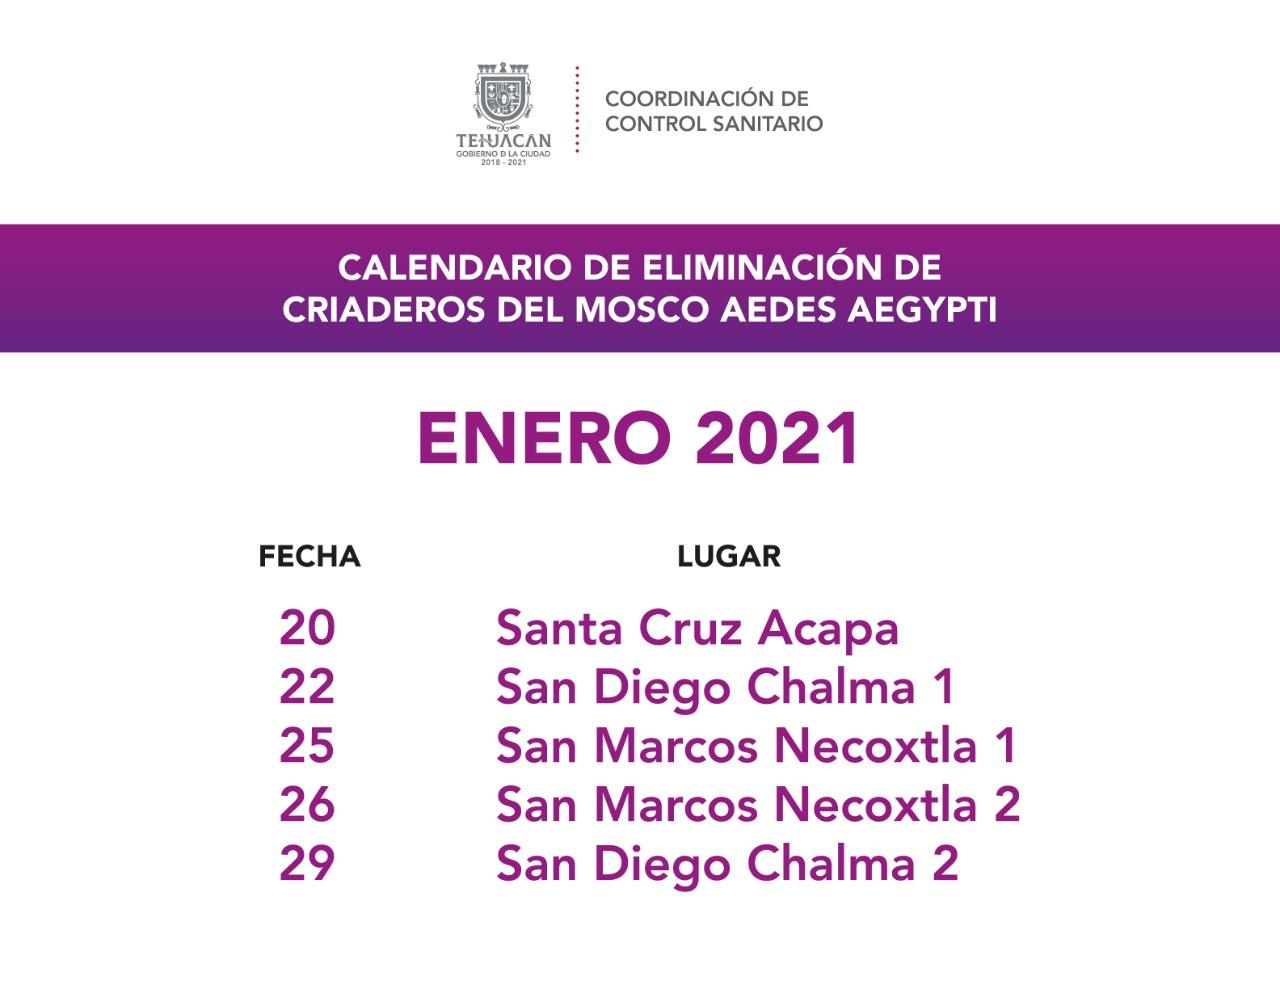 CONTROL SANITARIO INVITA A LA CIUDADANÍA A LAS JORNADAS DE ELIMINACIÓN DE CRIADEROS DE MOSQUITOS